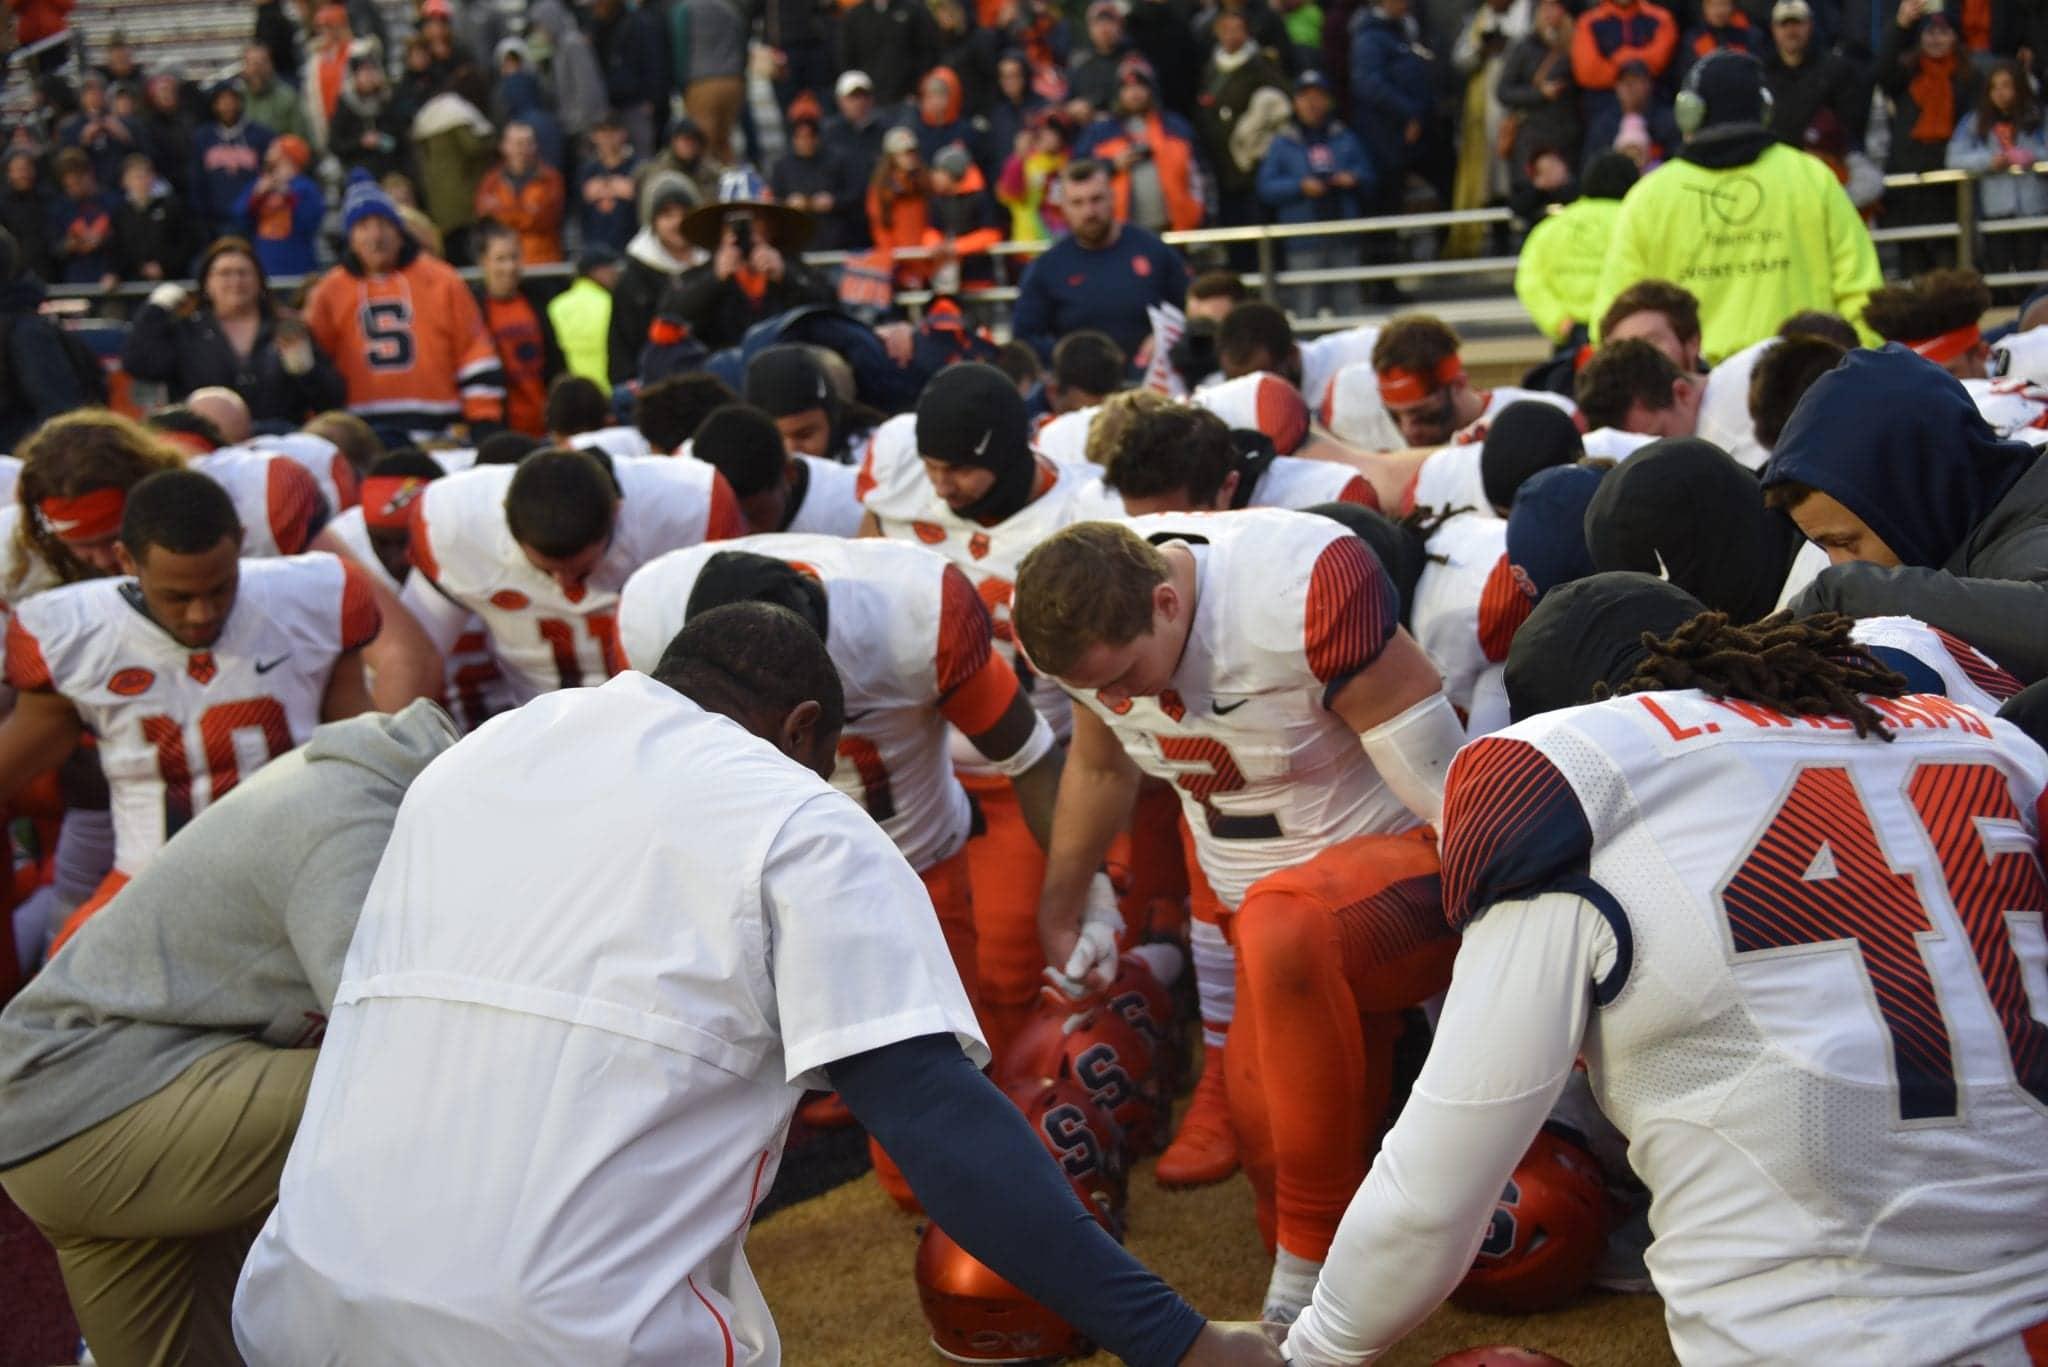 SU vs. Boston College football